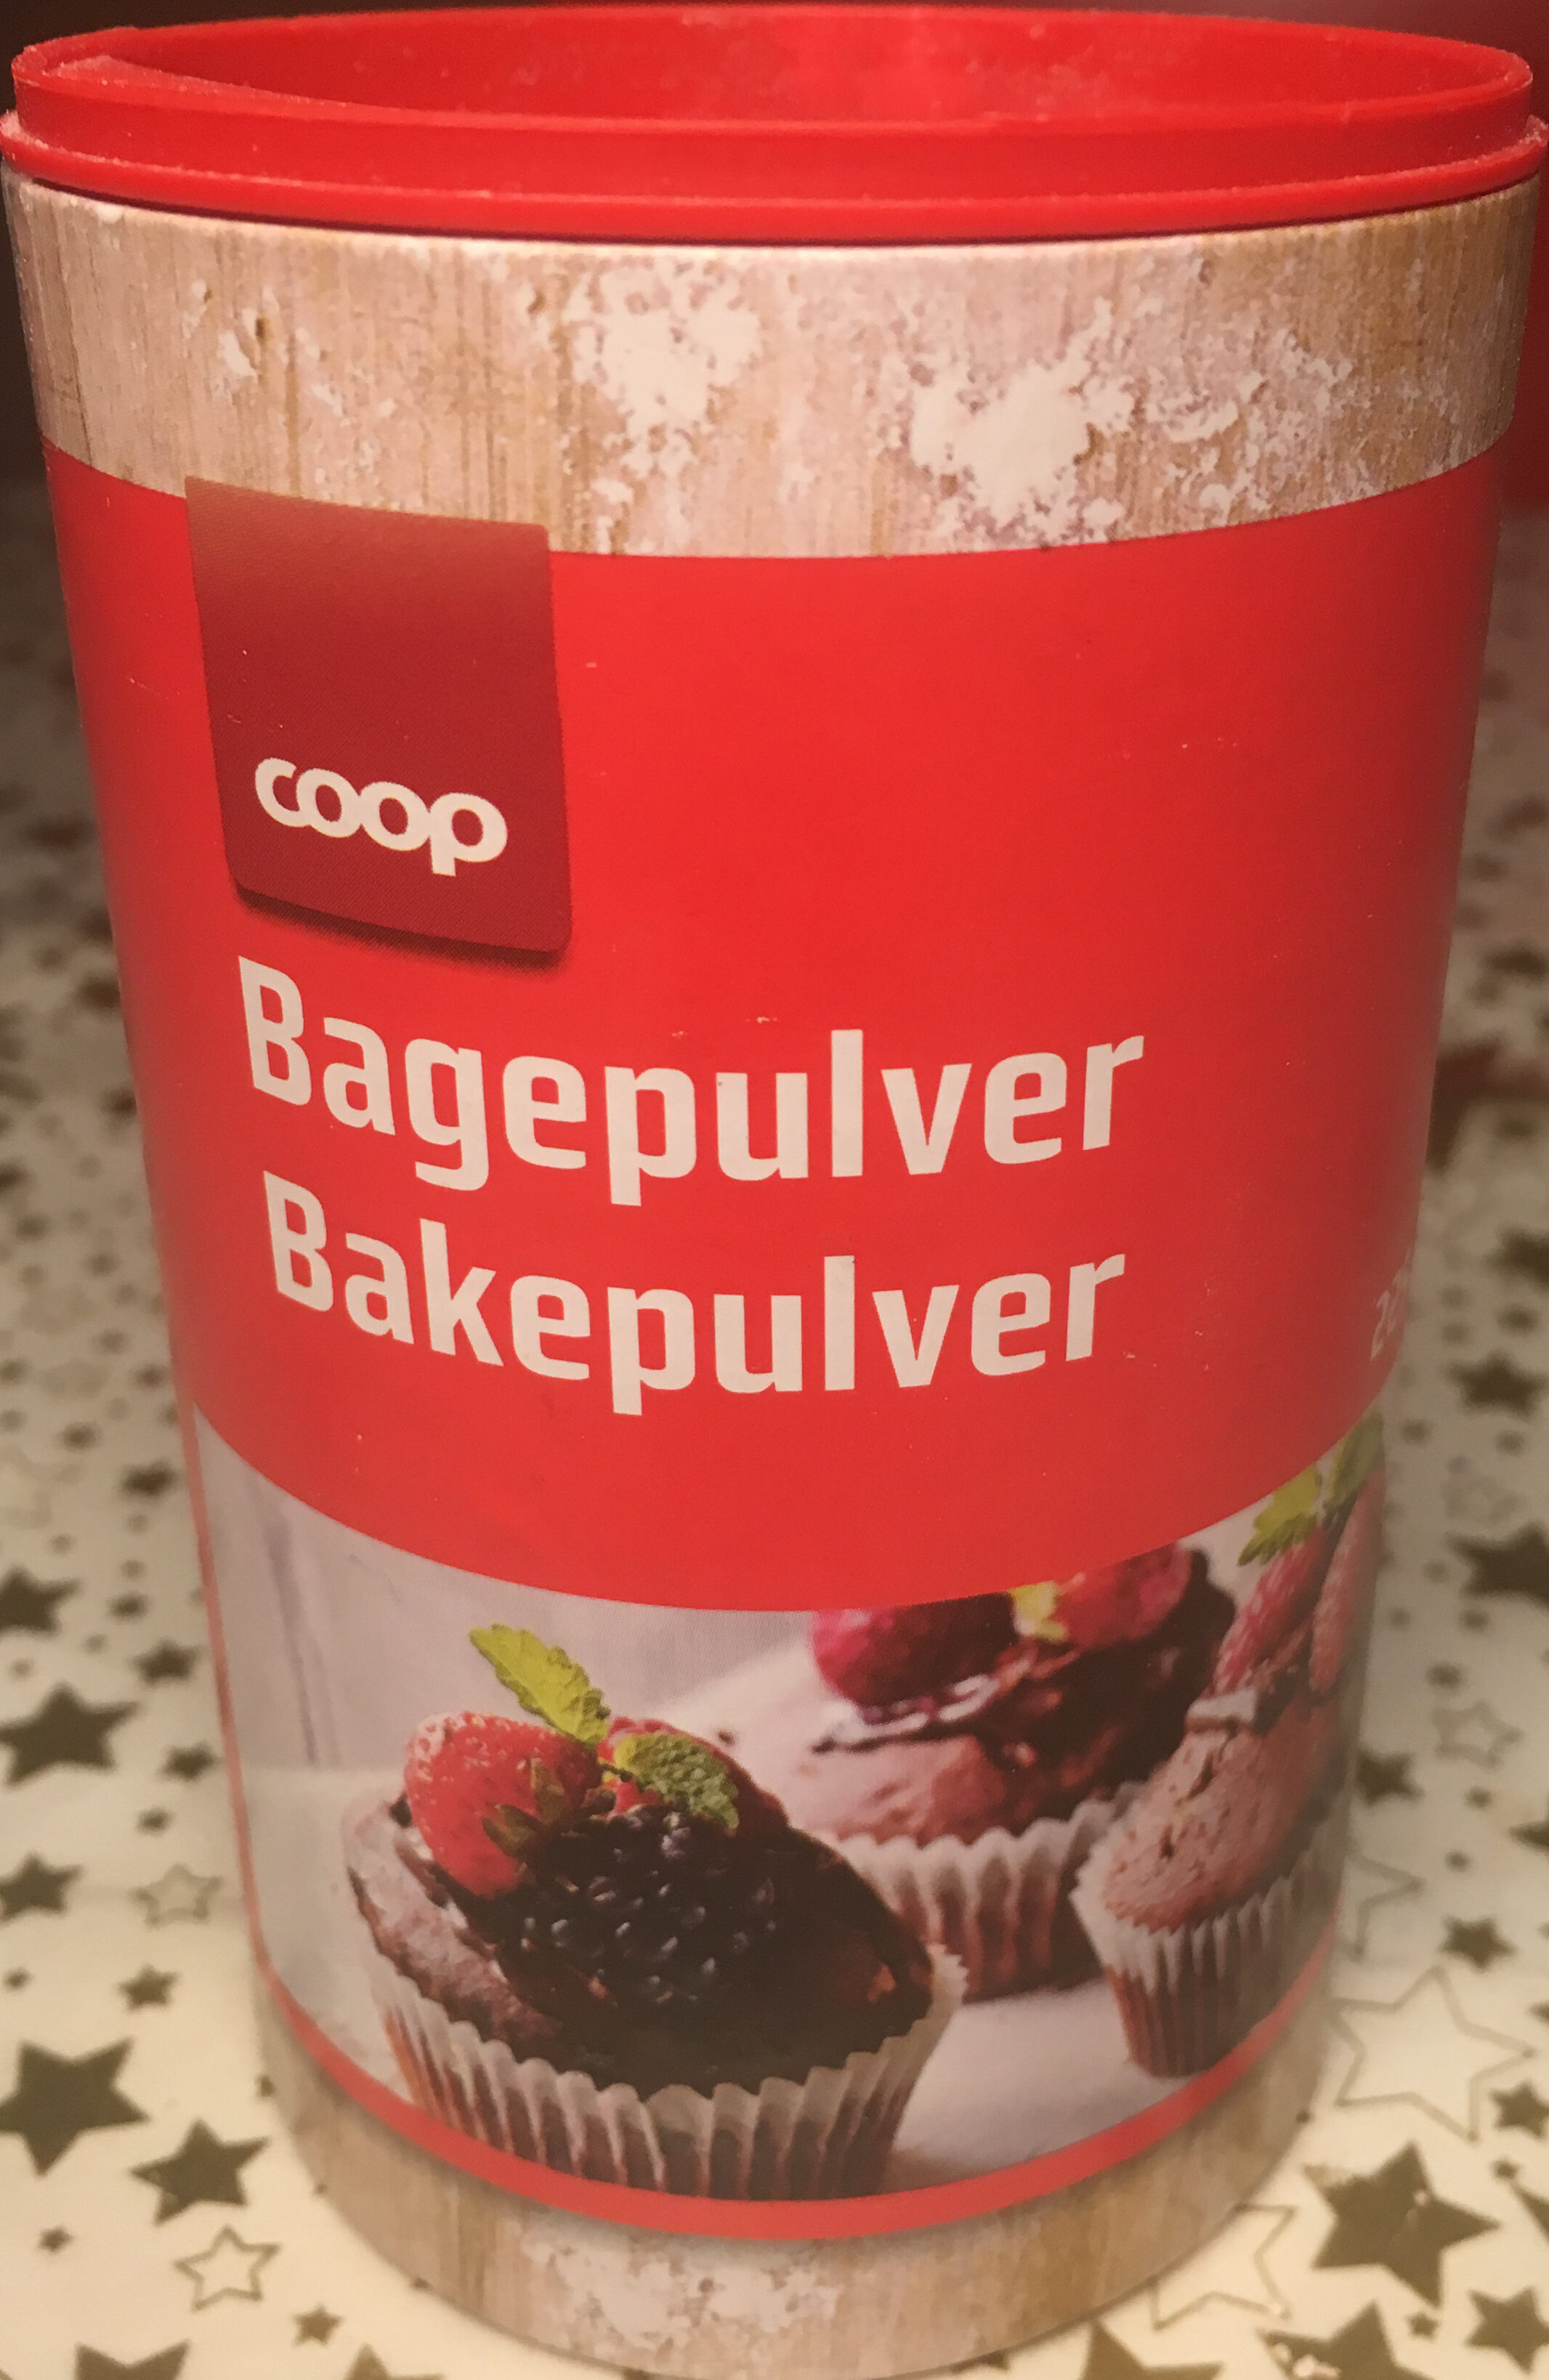 Bakepulver - Prodotto - nb